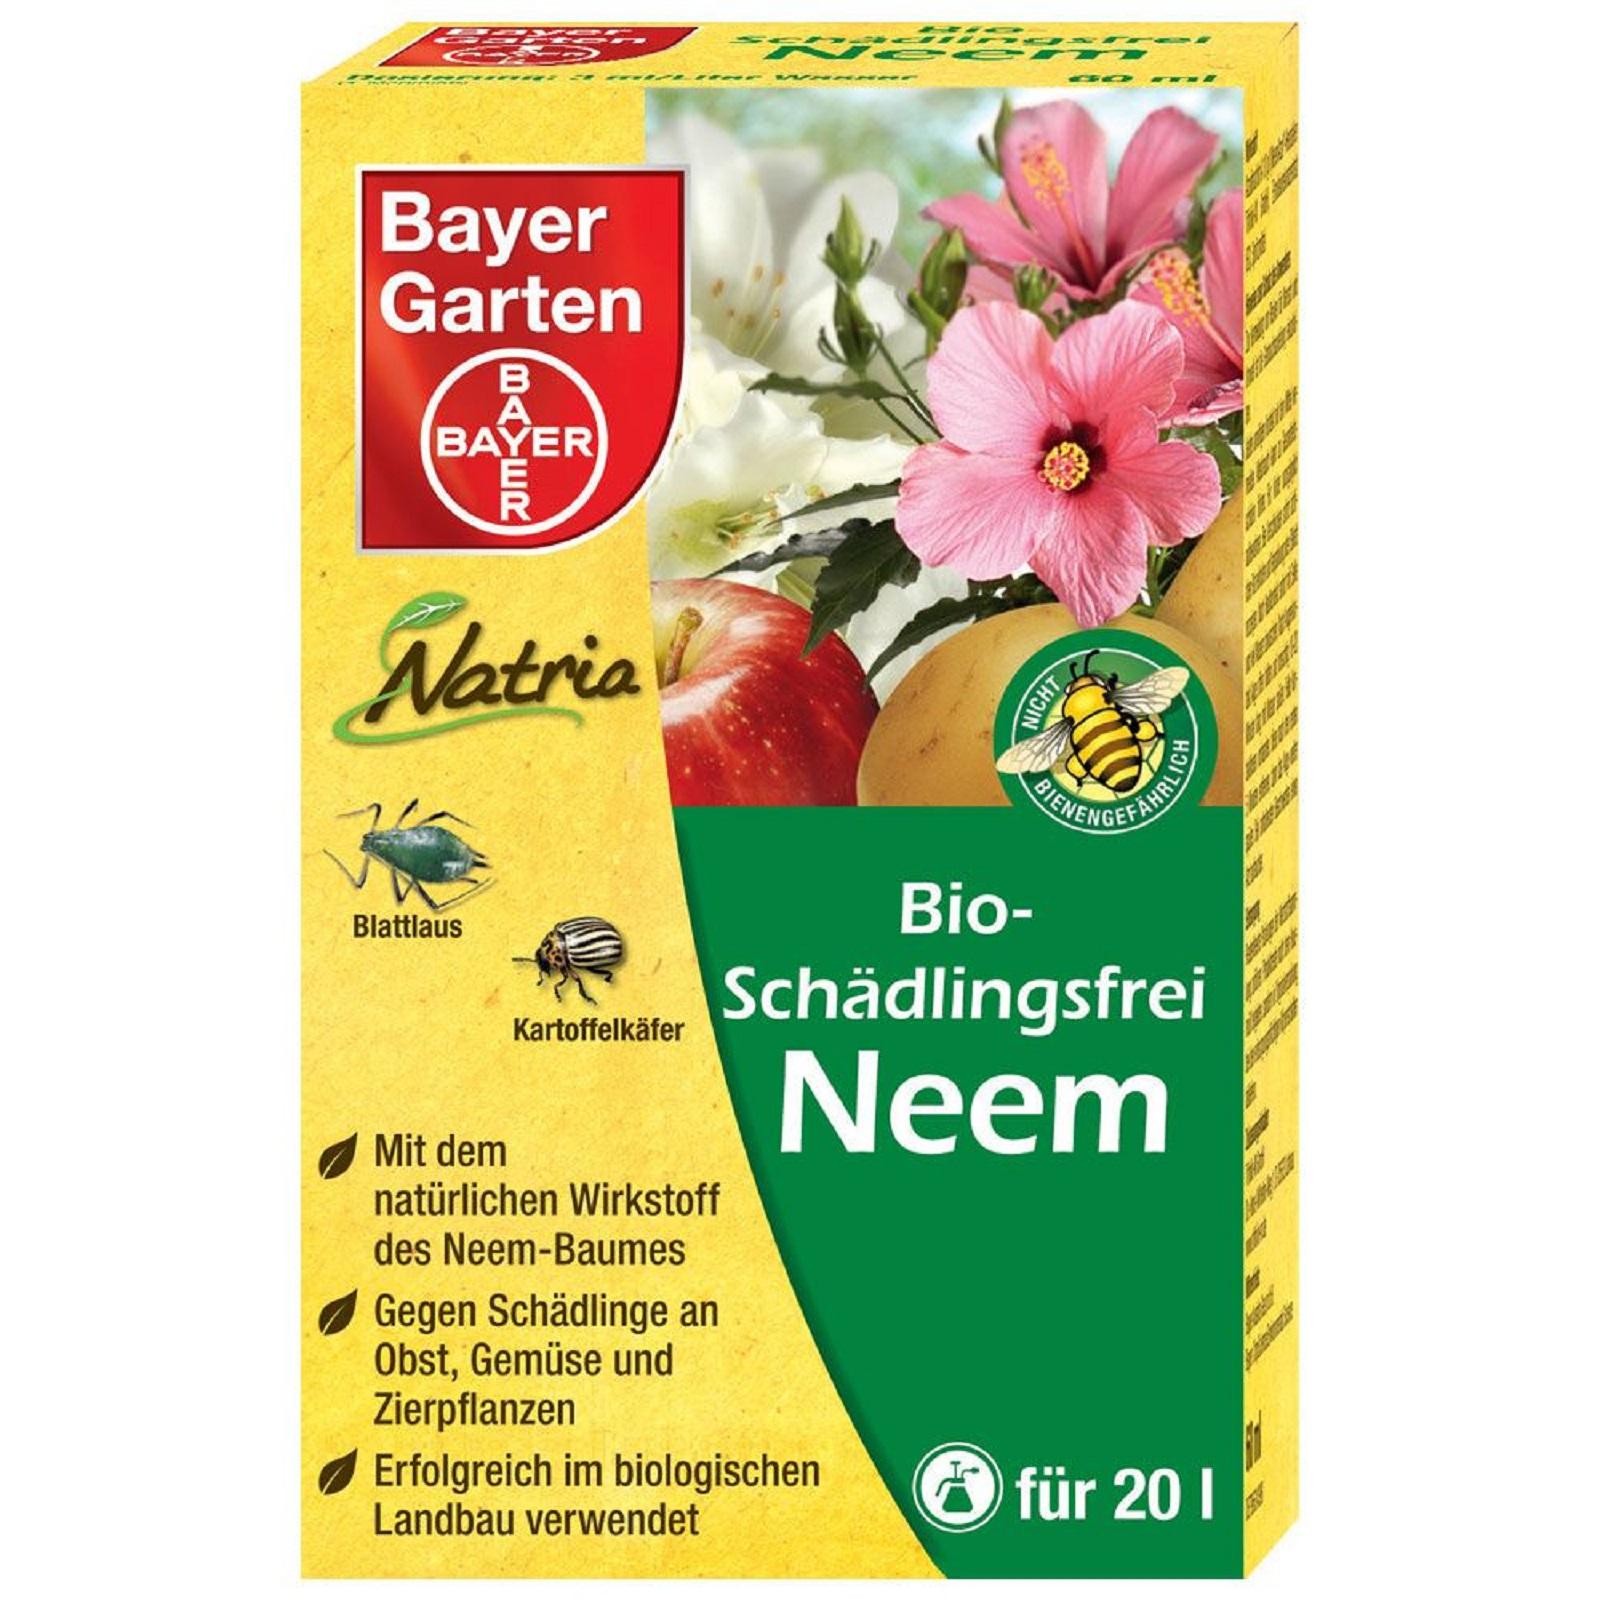 Neem Bio Schädlingsfrei 60 ml von Bayer Garten